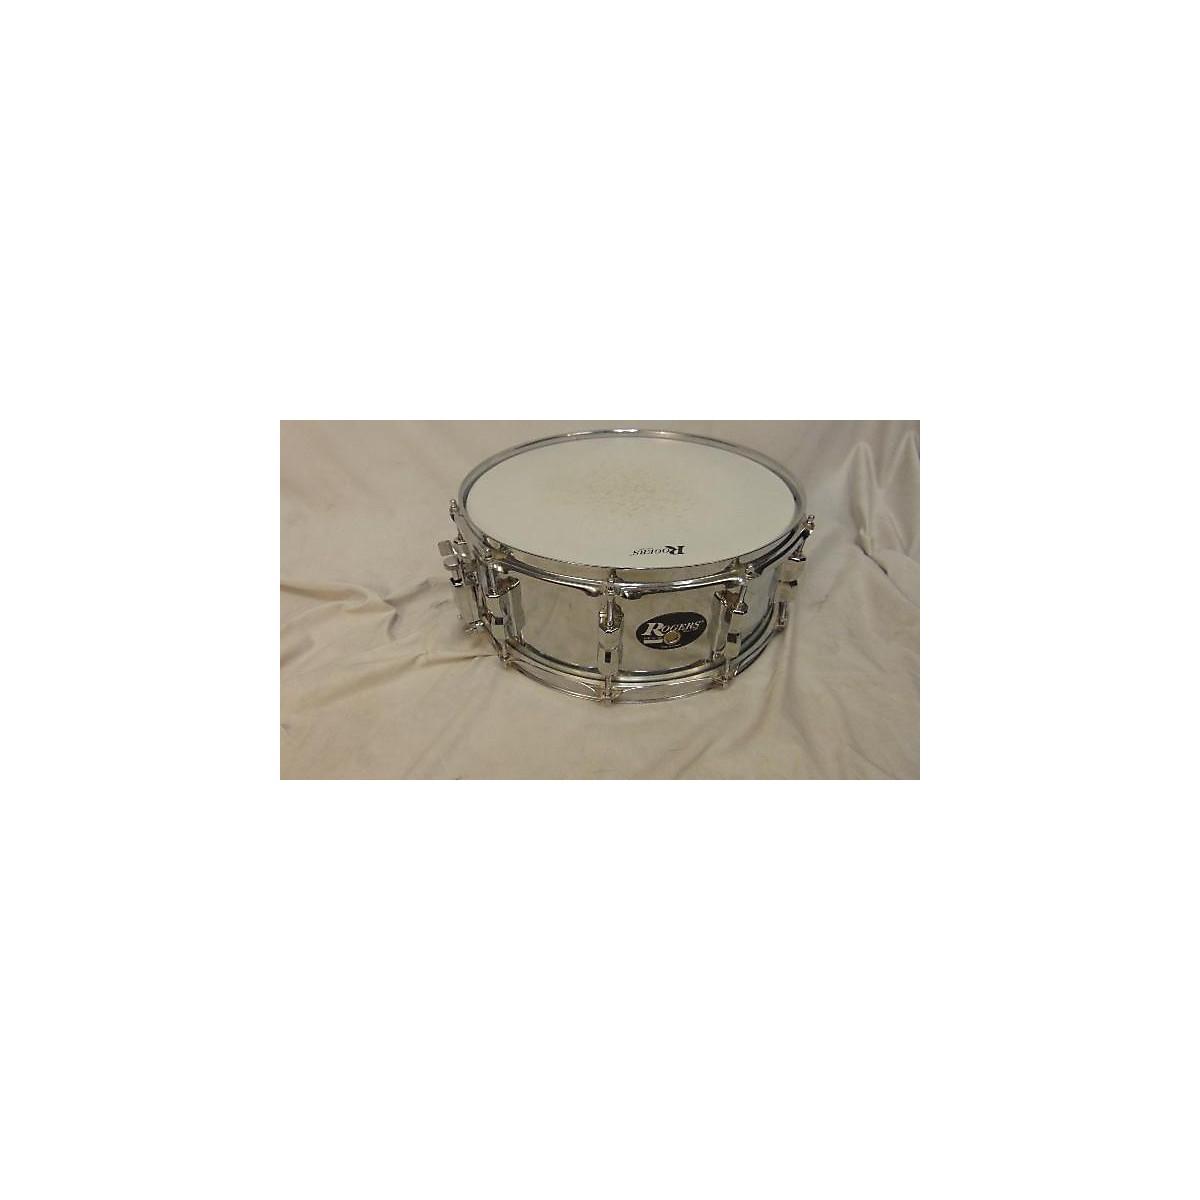 Rogers 5X14 Powertone Drum